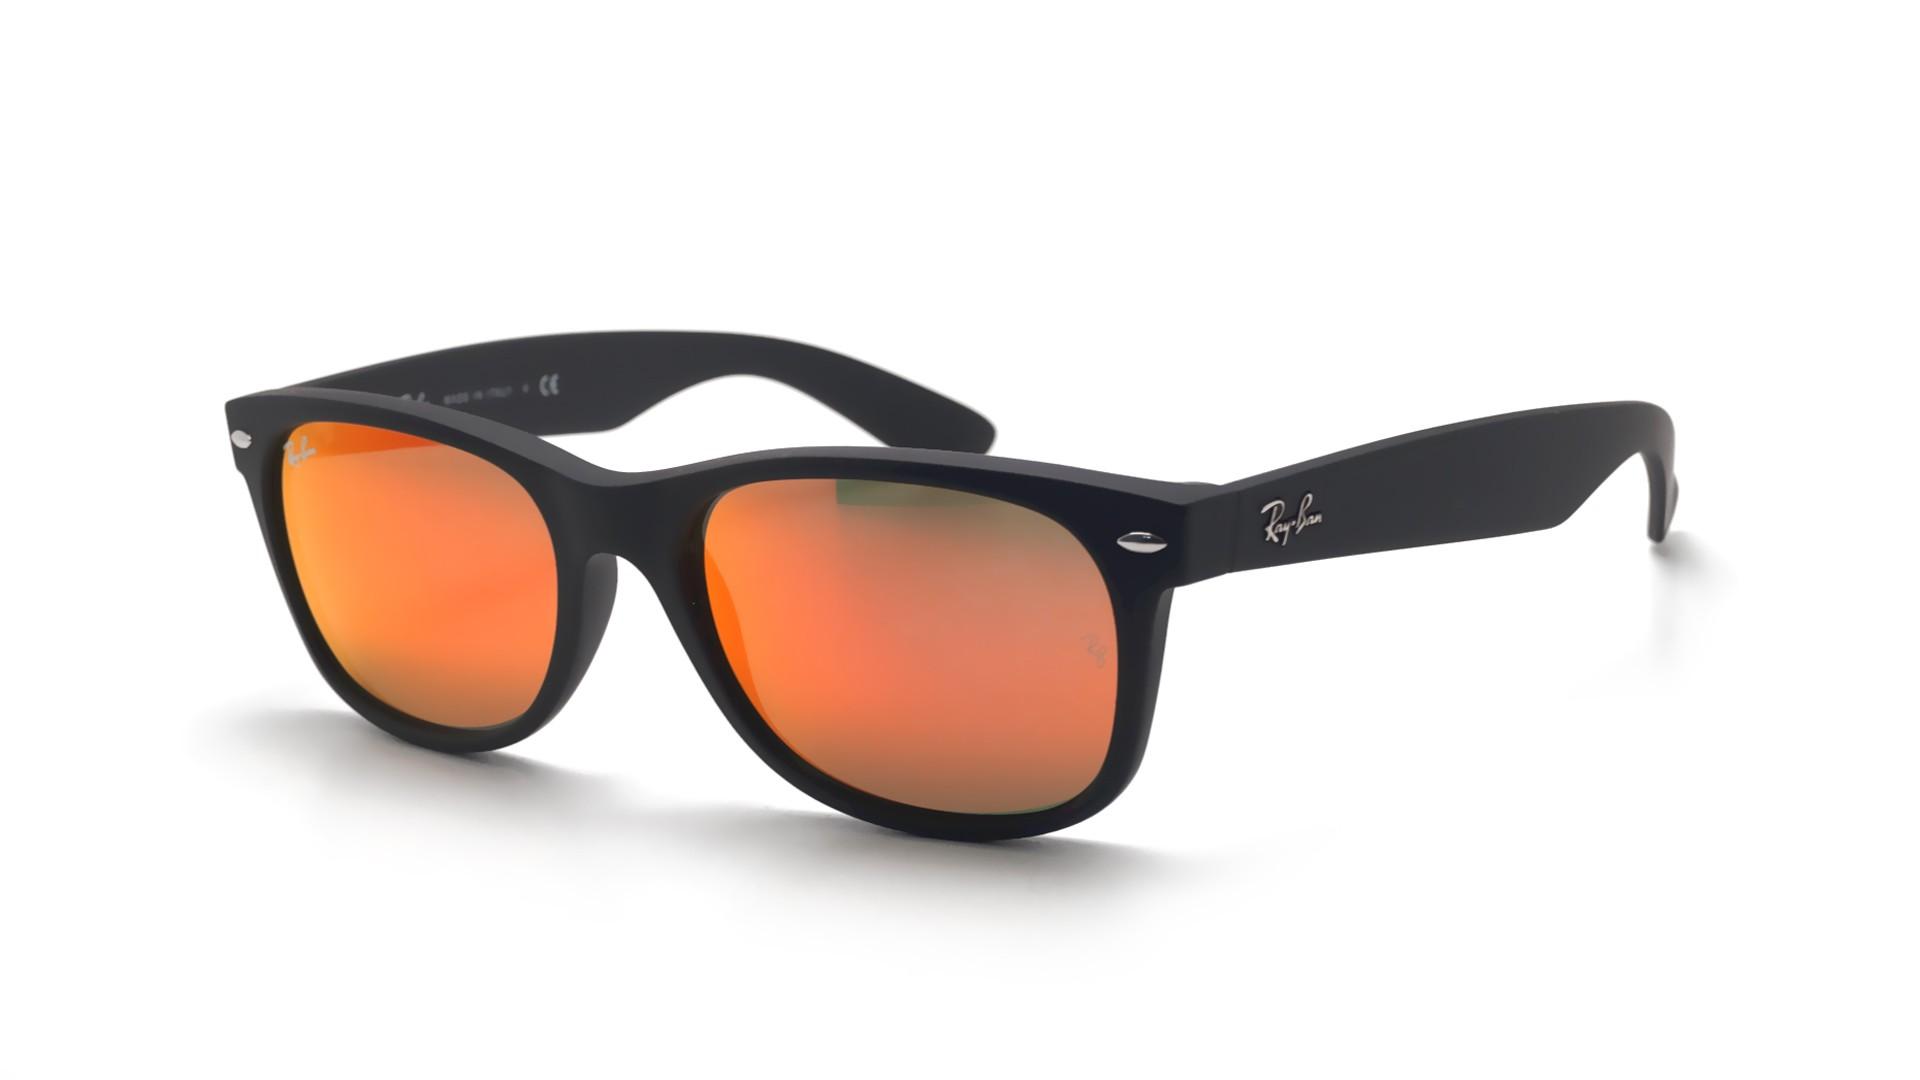 712920ef9b1 Sonnenbrillen Ray-Ban New Wayfarer Schwarz Matt RB2132 622 69 55-18 Breit  Verspiegelte Gläser